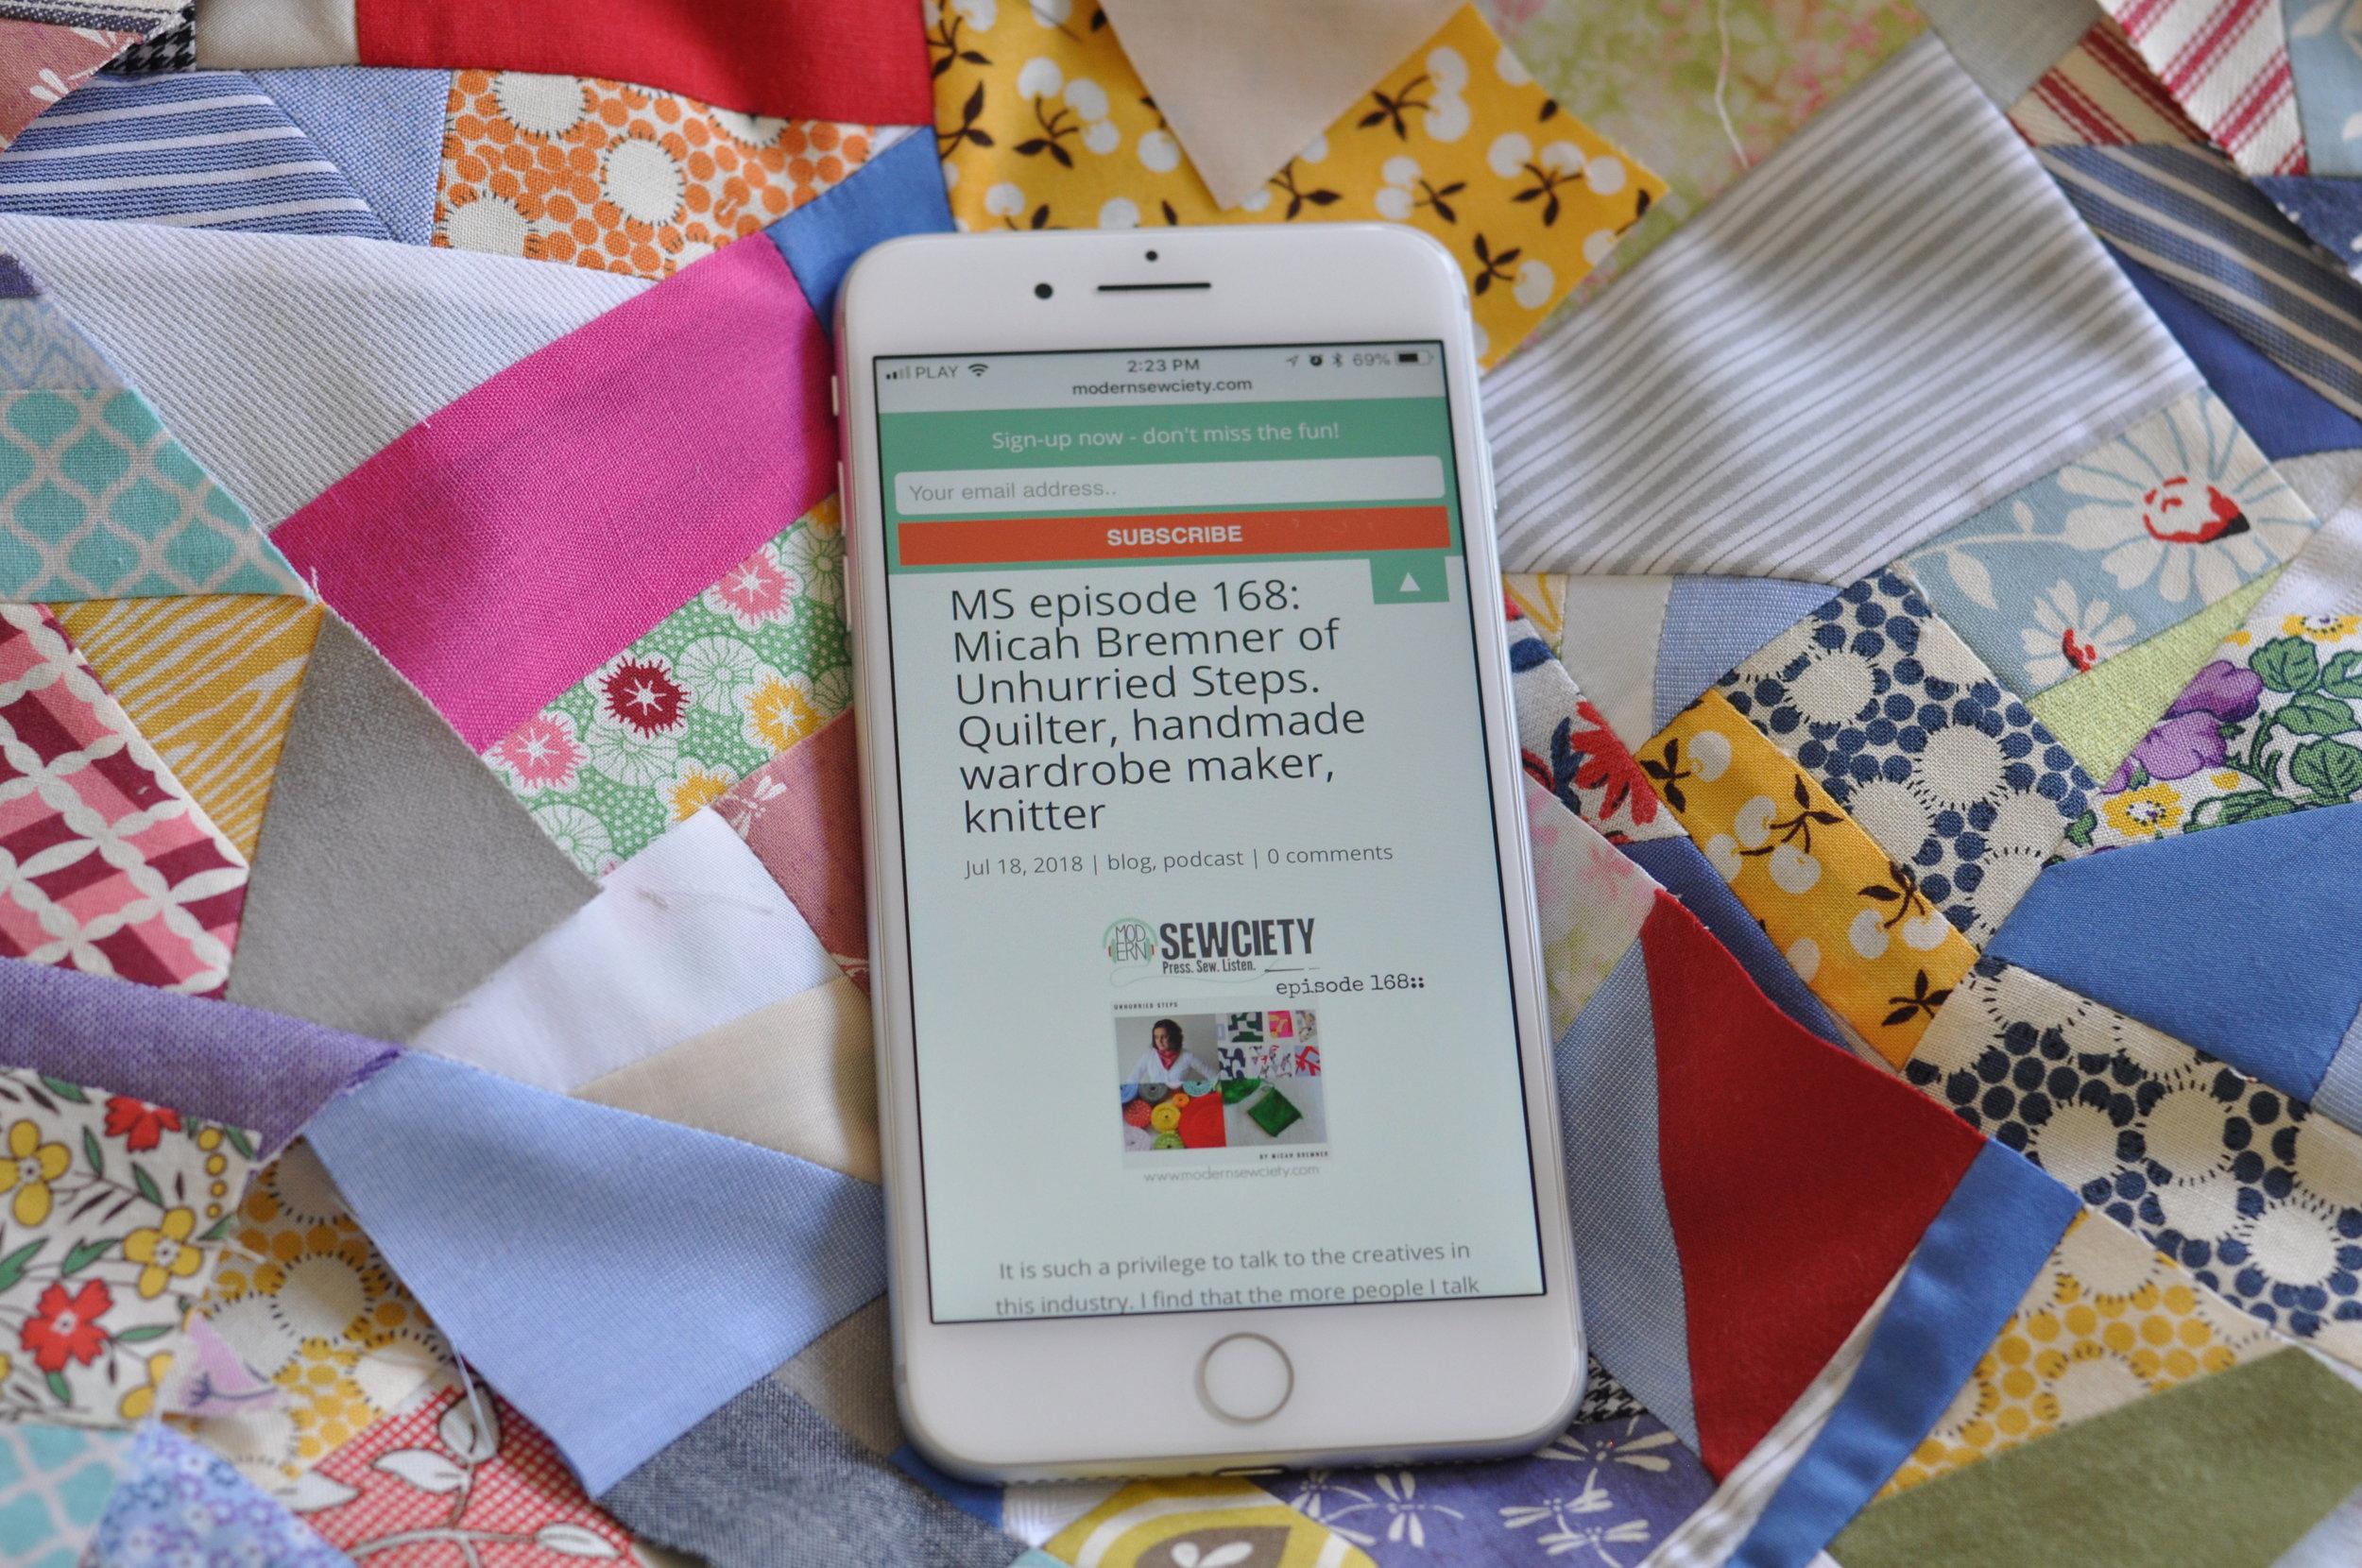 Modern Sewciety Podcast Micah Bremner Episode 168